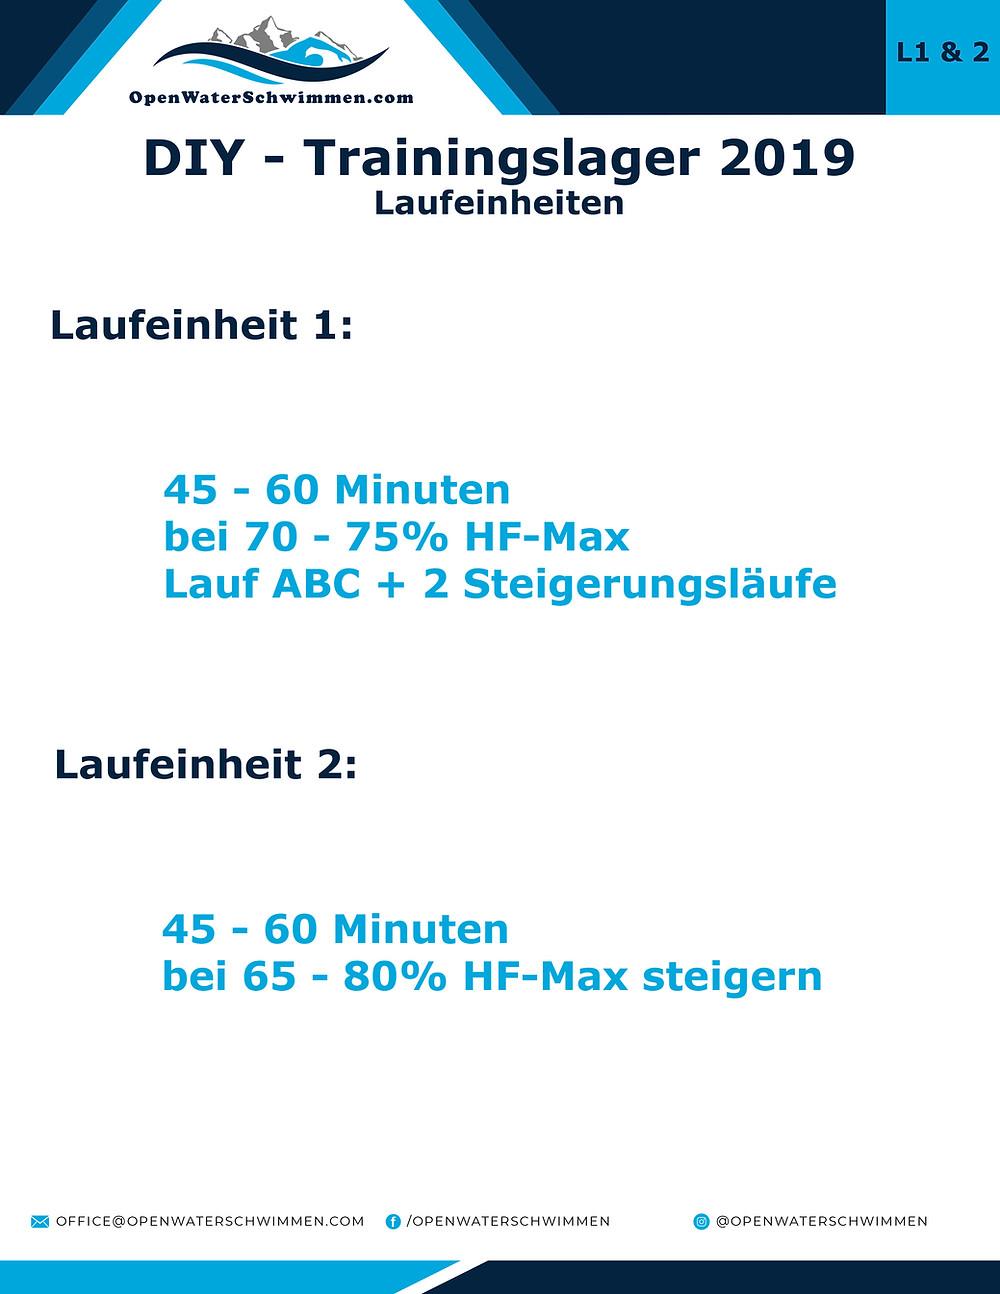 Laufeinheiten für das DIY Trainingslager